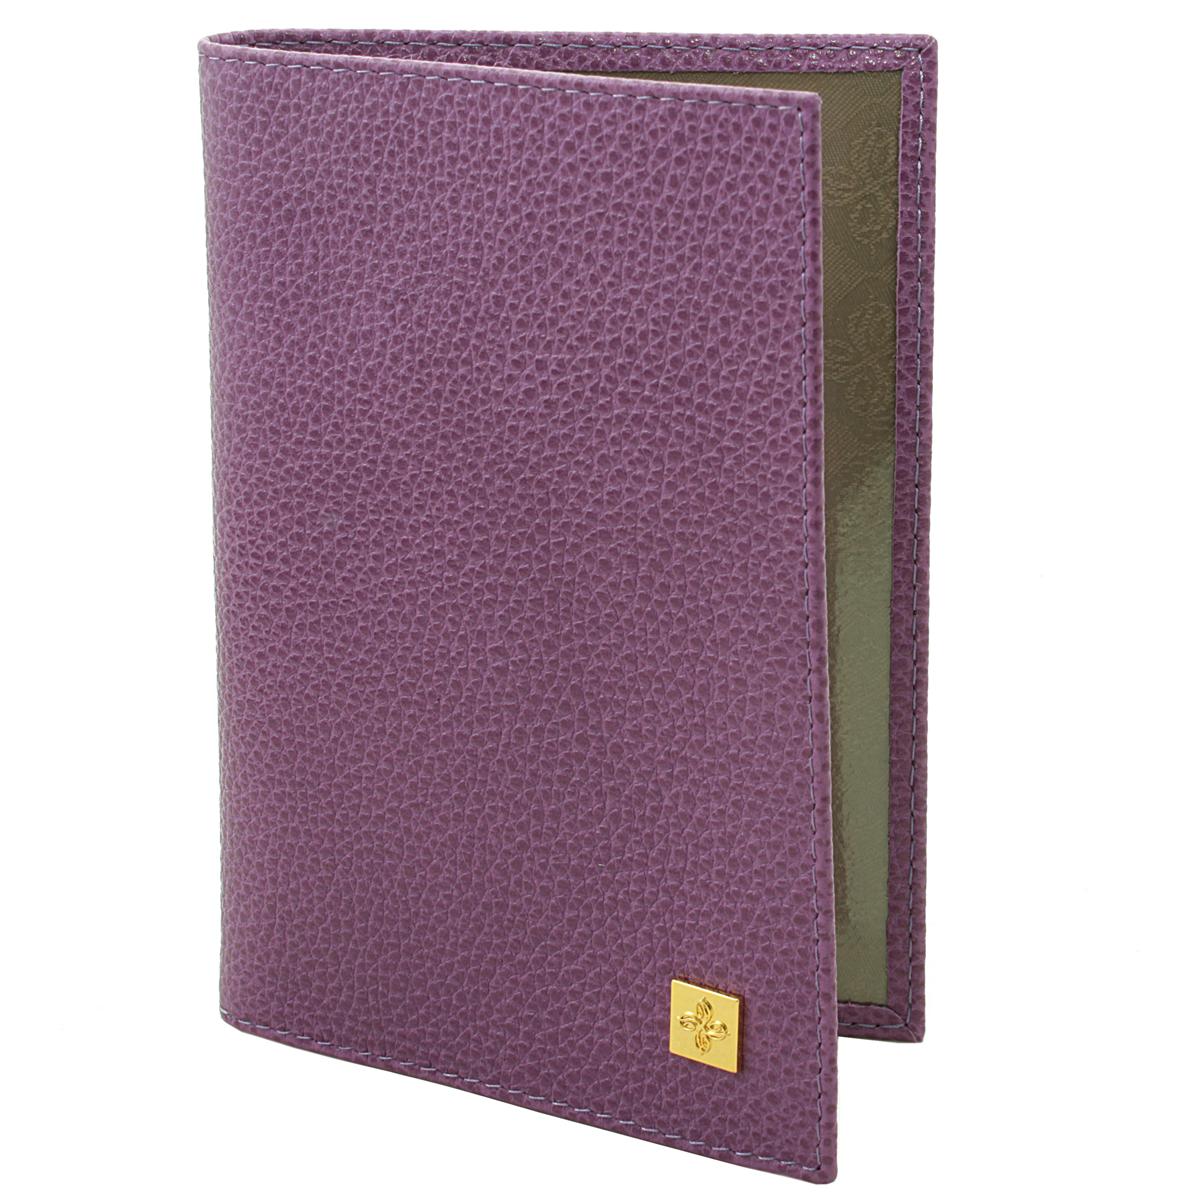 Обложка для паспорта женская Dimanche Purpur, цвет: пурпурный. 100Натуральная кожаОбложка для паспорта Purpur выполнена из натуральной кожи с фактурным тиснением. На внутреннем развороте расположено два вертикальных кармана из прозрачного пластика. Обложка не только поможет сохранить внешний вид ваших документов и защитит их от повреждений, но и станет ярким аксессуаром, который подчеркнет ваш образ.Обложка упакована в фирменную картонную коробку. Характеристики:Материал: натуральная кожа, текстиль, ПВХ. Размер обложки: 9,5 см х 13,5 см х 1,5 см. Цвет: пурпурный.